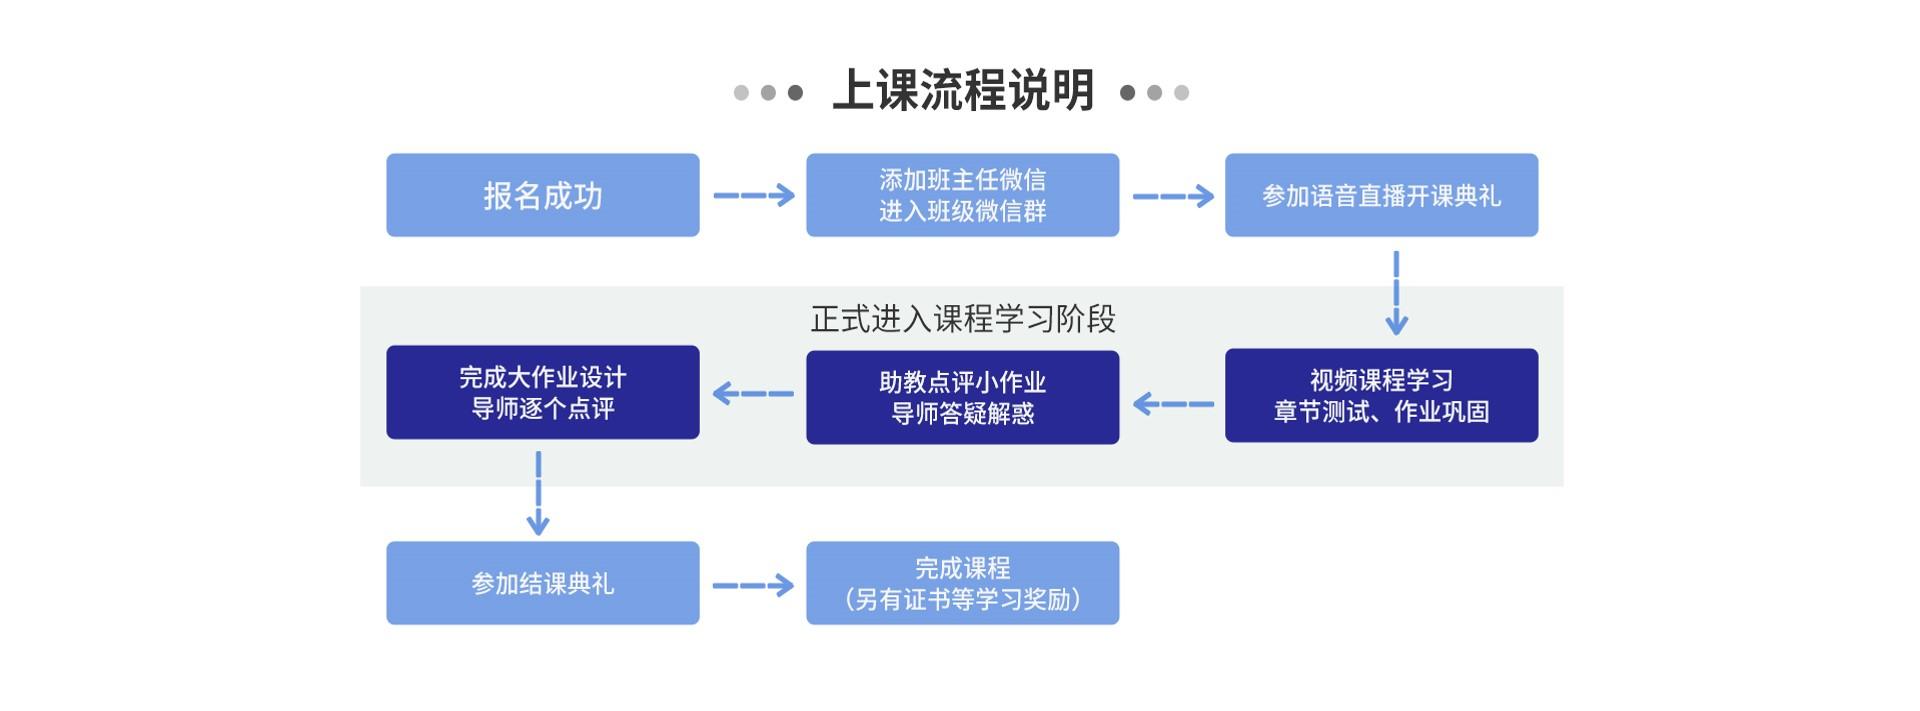 10.1上课流程.jpg